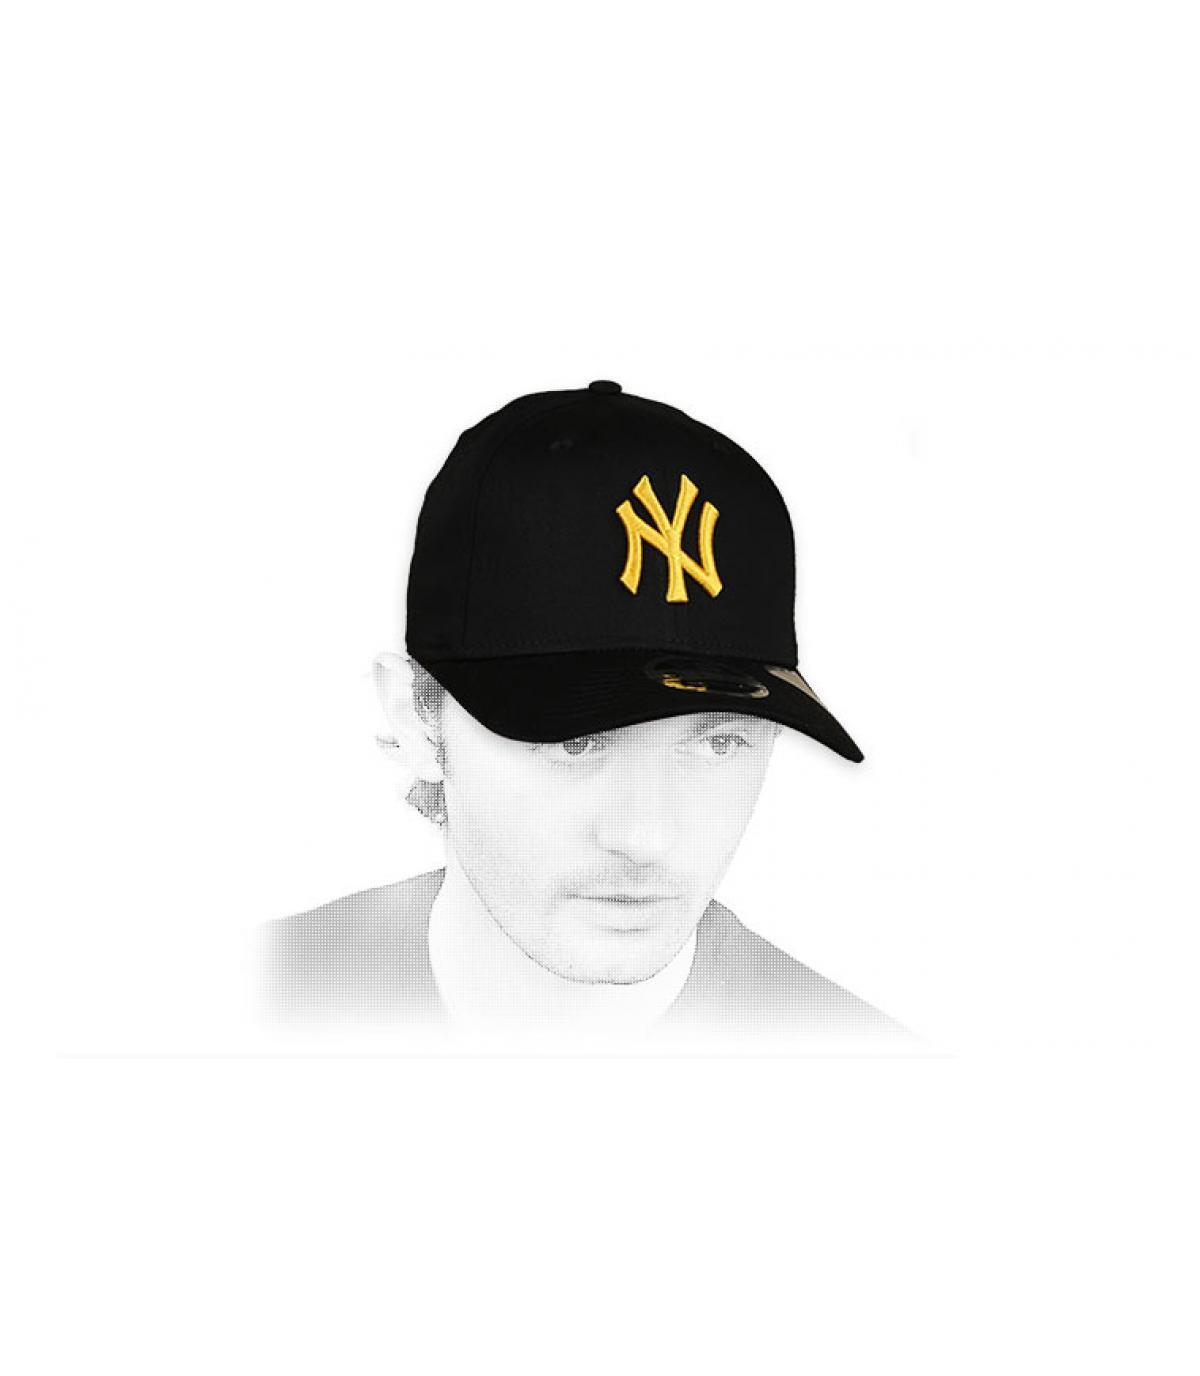 casquette NY noir jaune